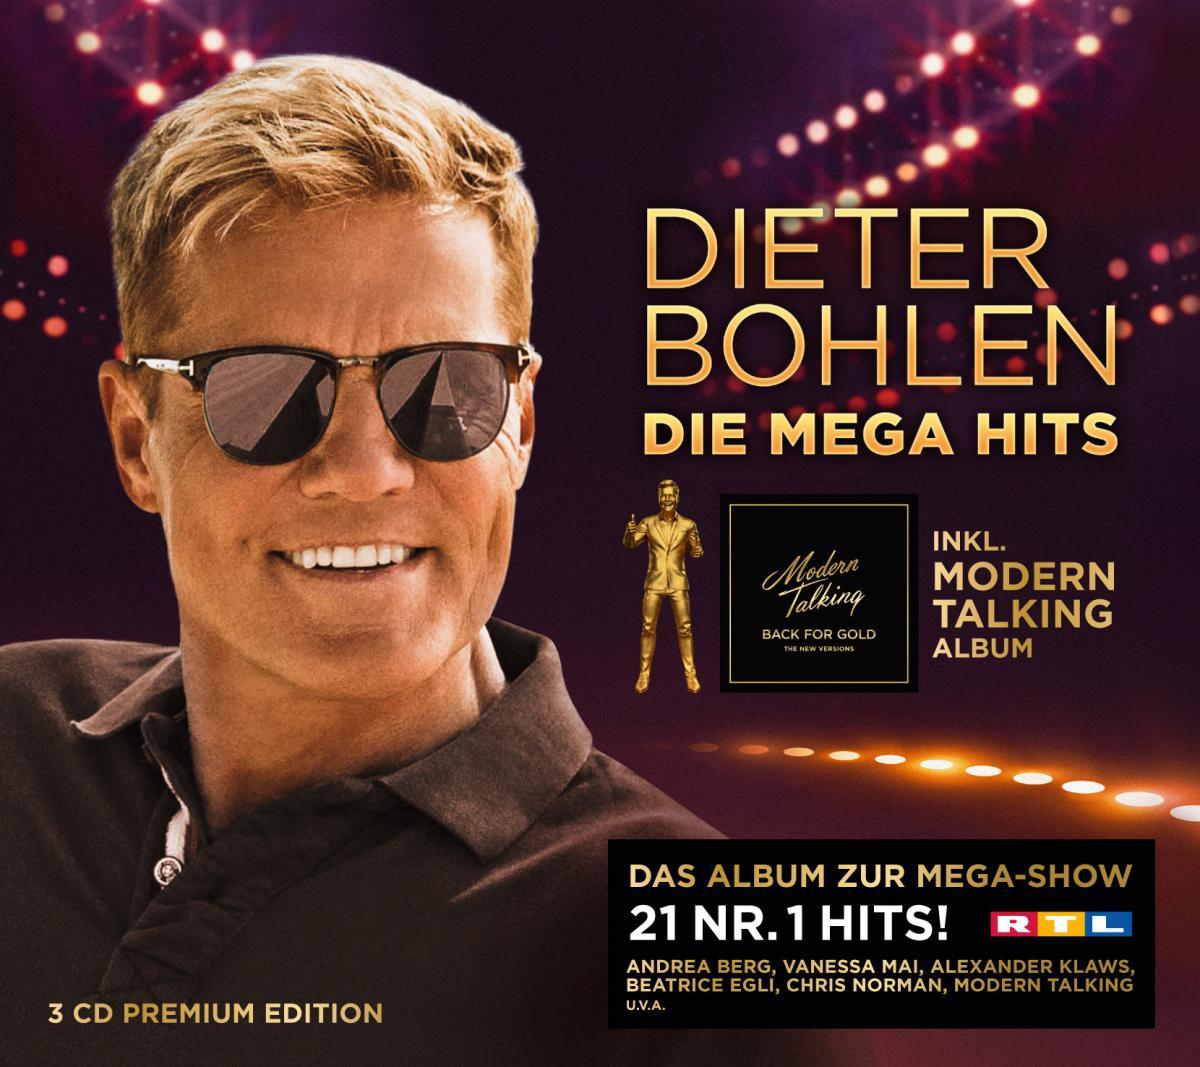 Dieter Bohlen Die Mega Show